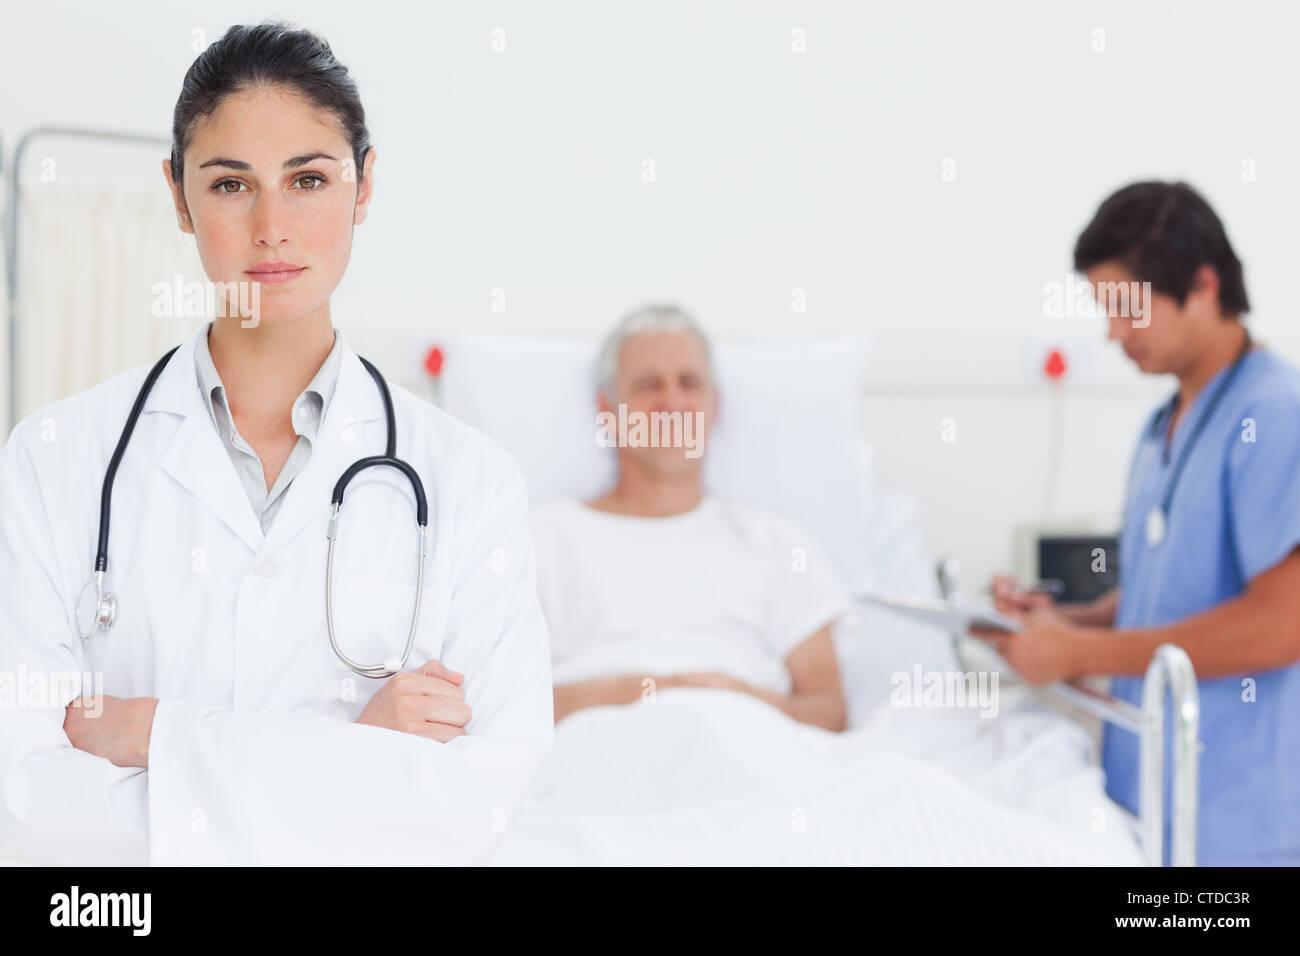 Ernst Arzt ihr Gelenkarme Stockbild